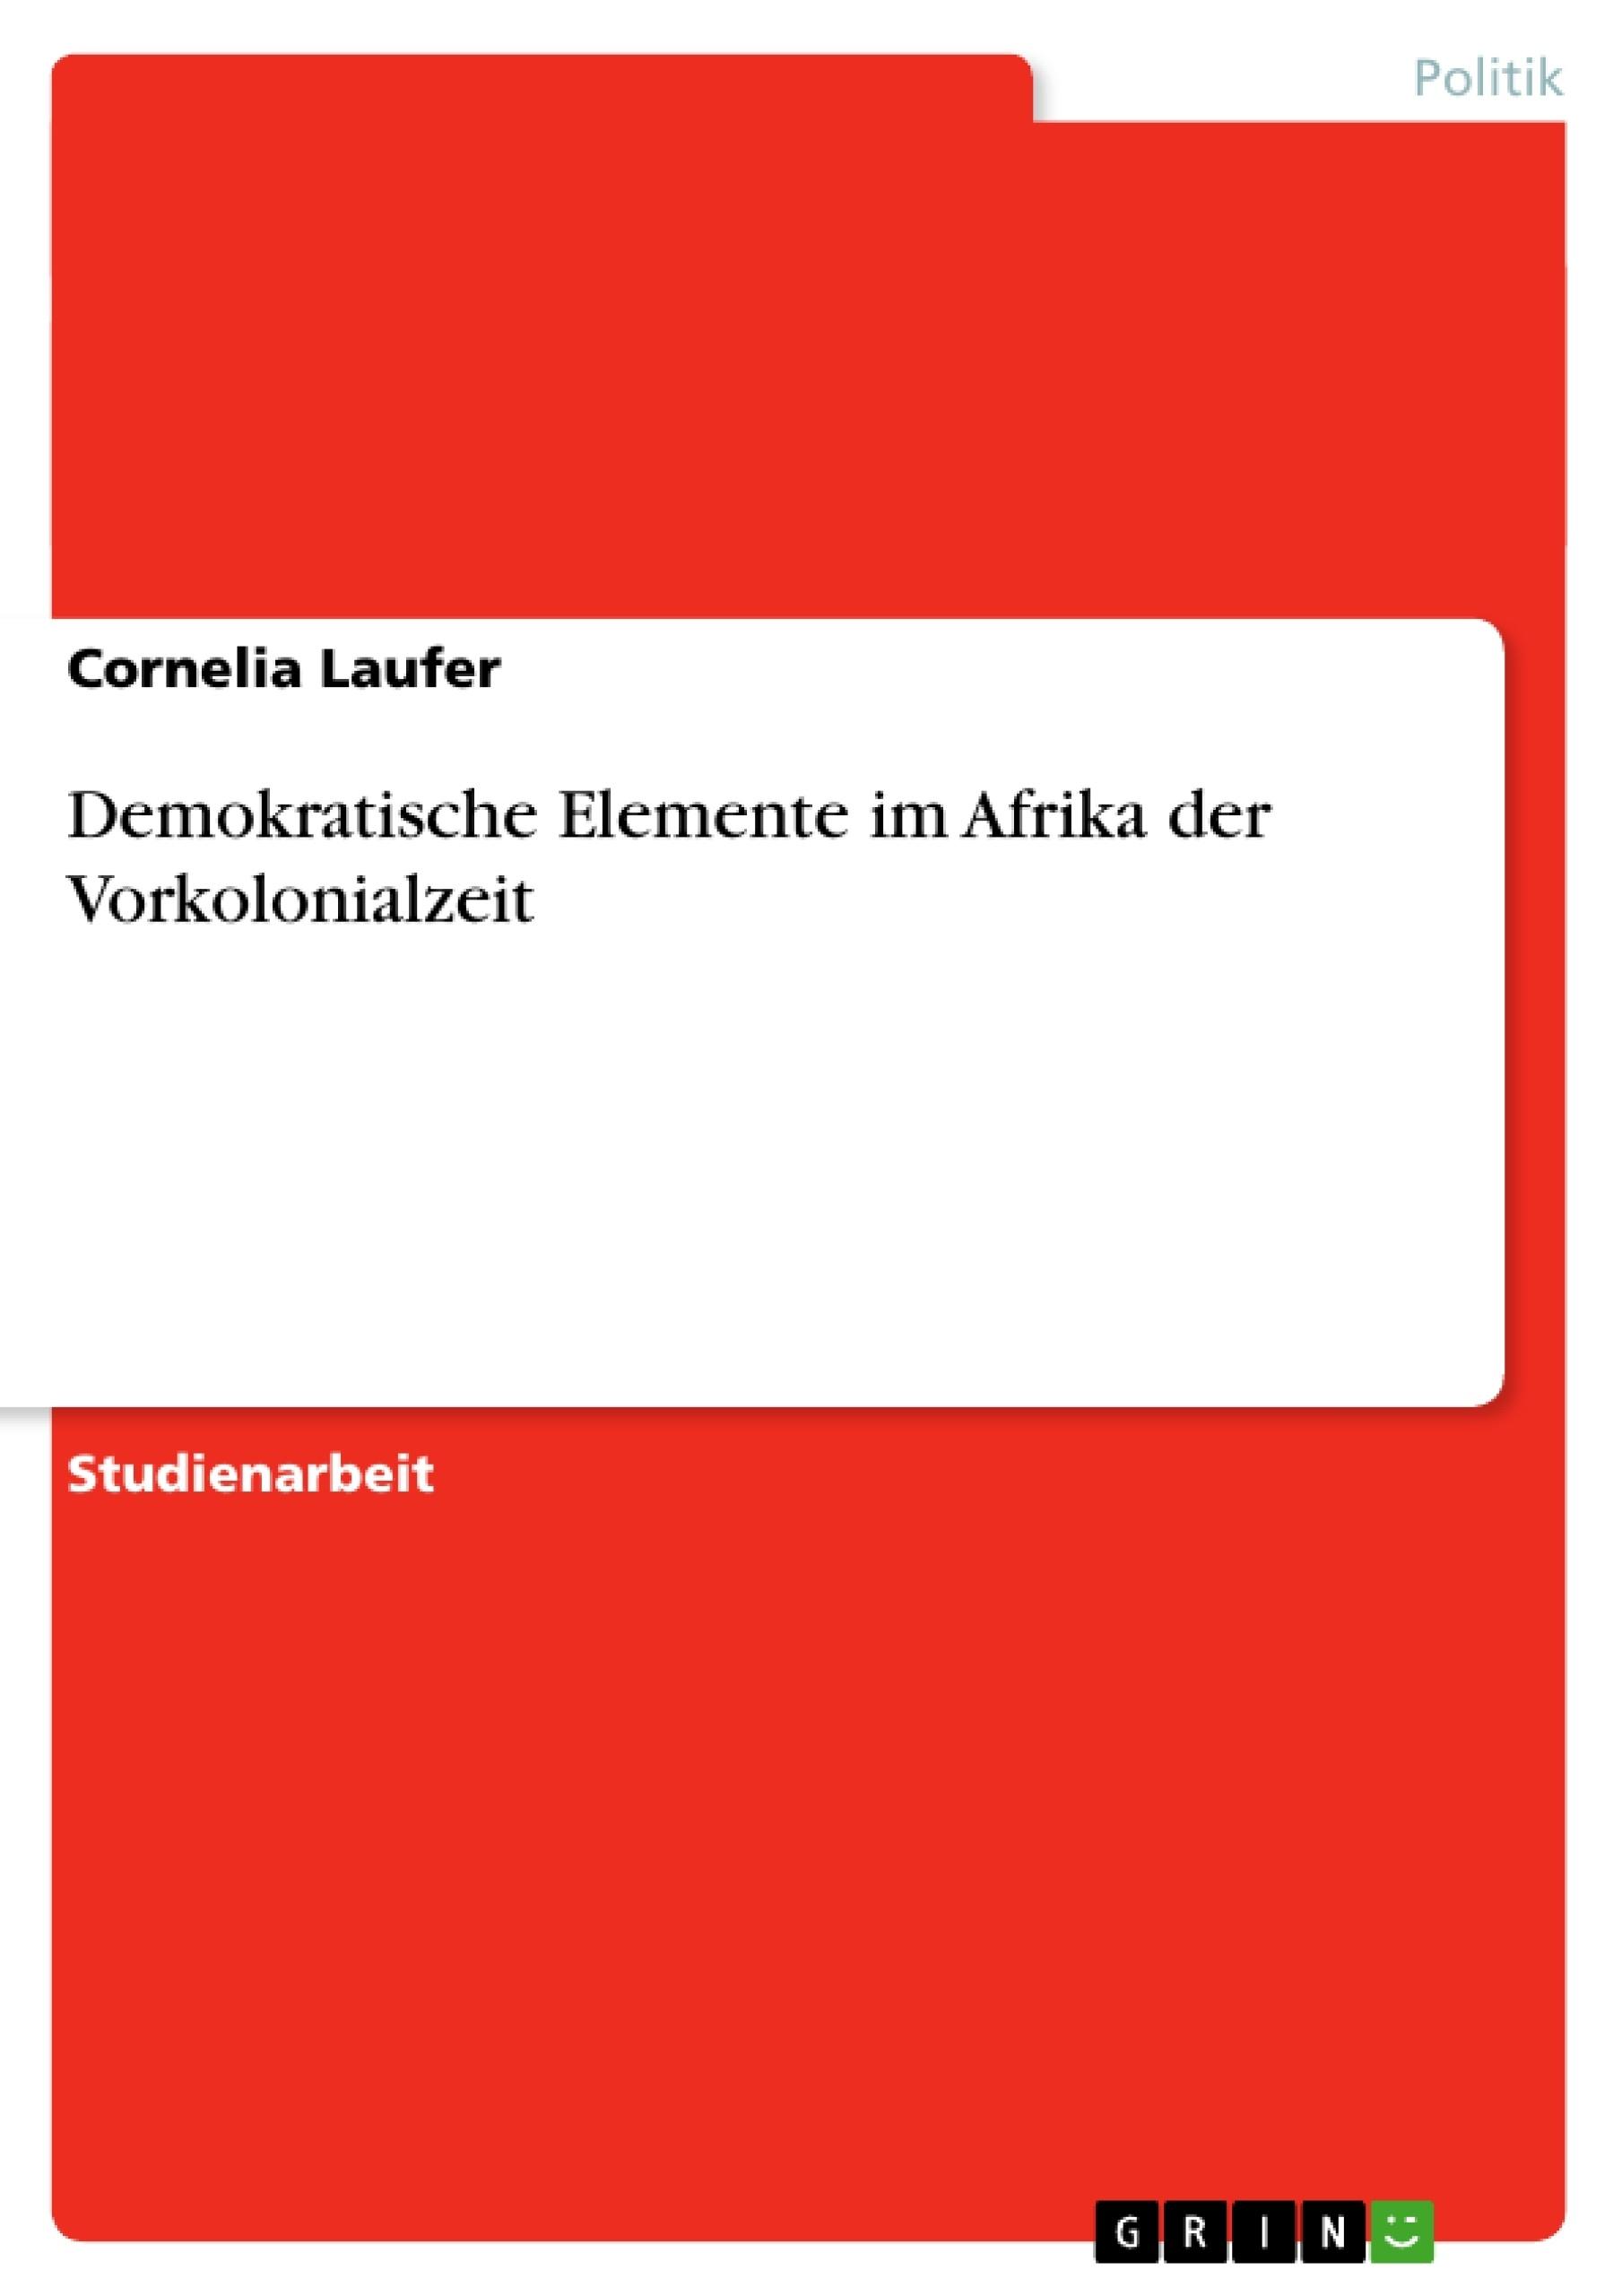 Titel: Demokratische Elemente im Afrika der Vorkolonialzeit